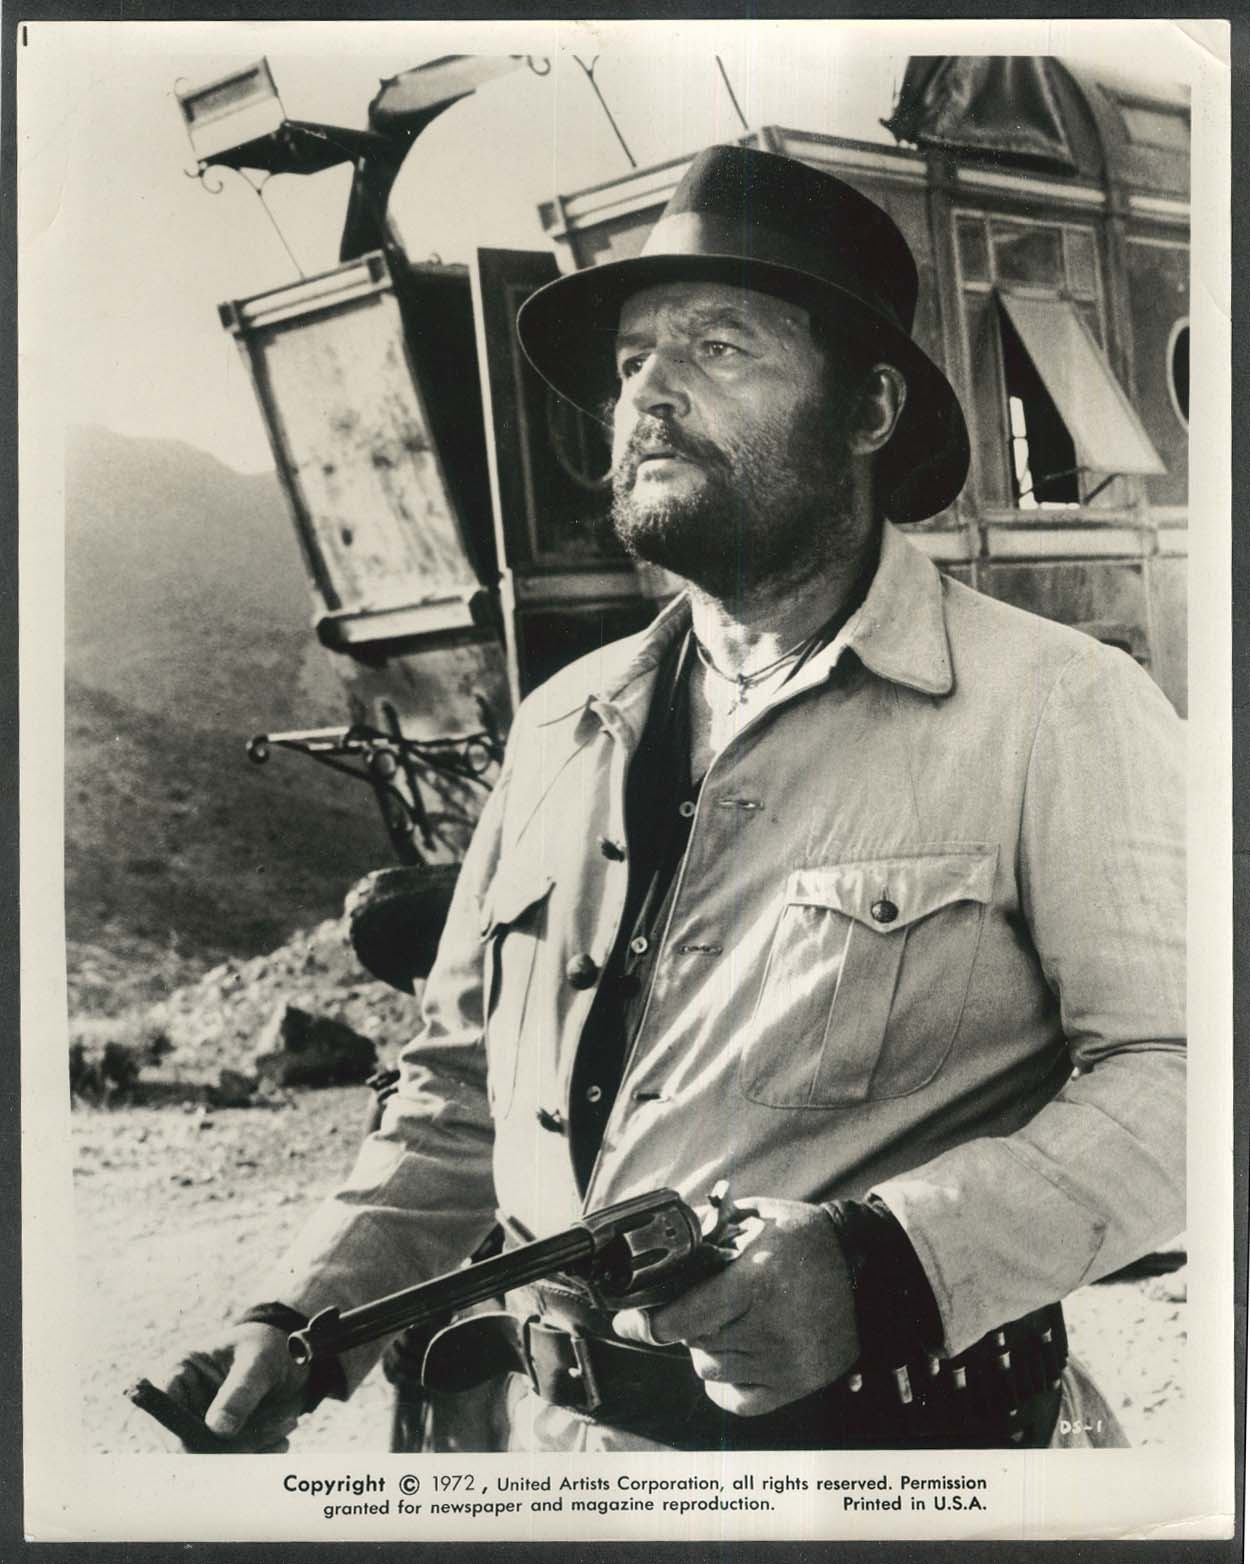 Rod Steiger holding six-shooter Duck You Sucker 8x10 photograph 1972